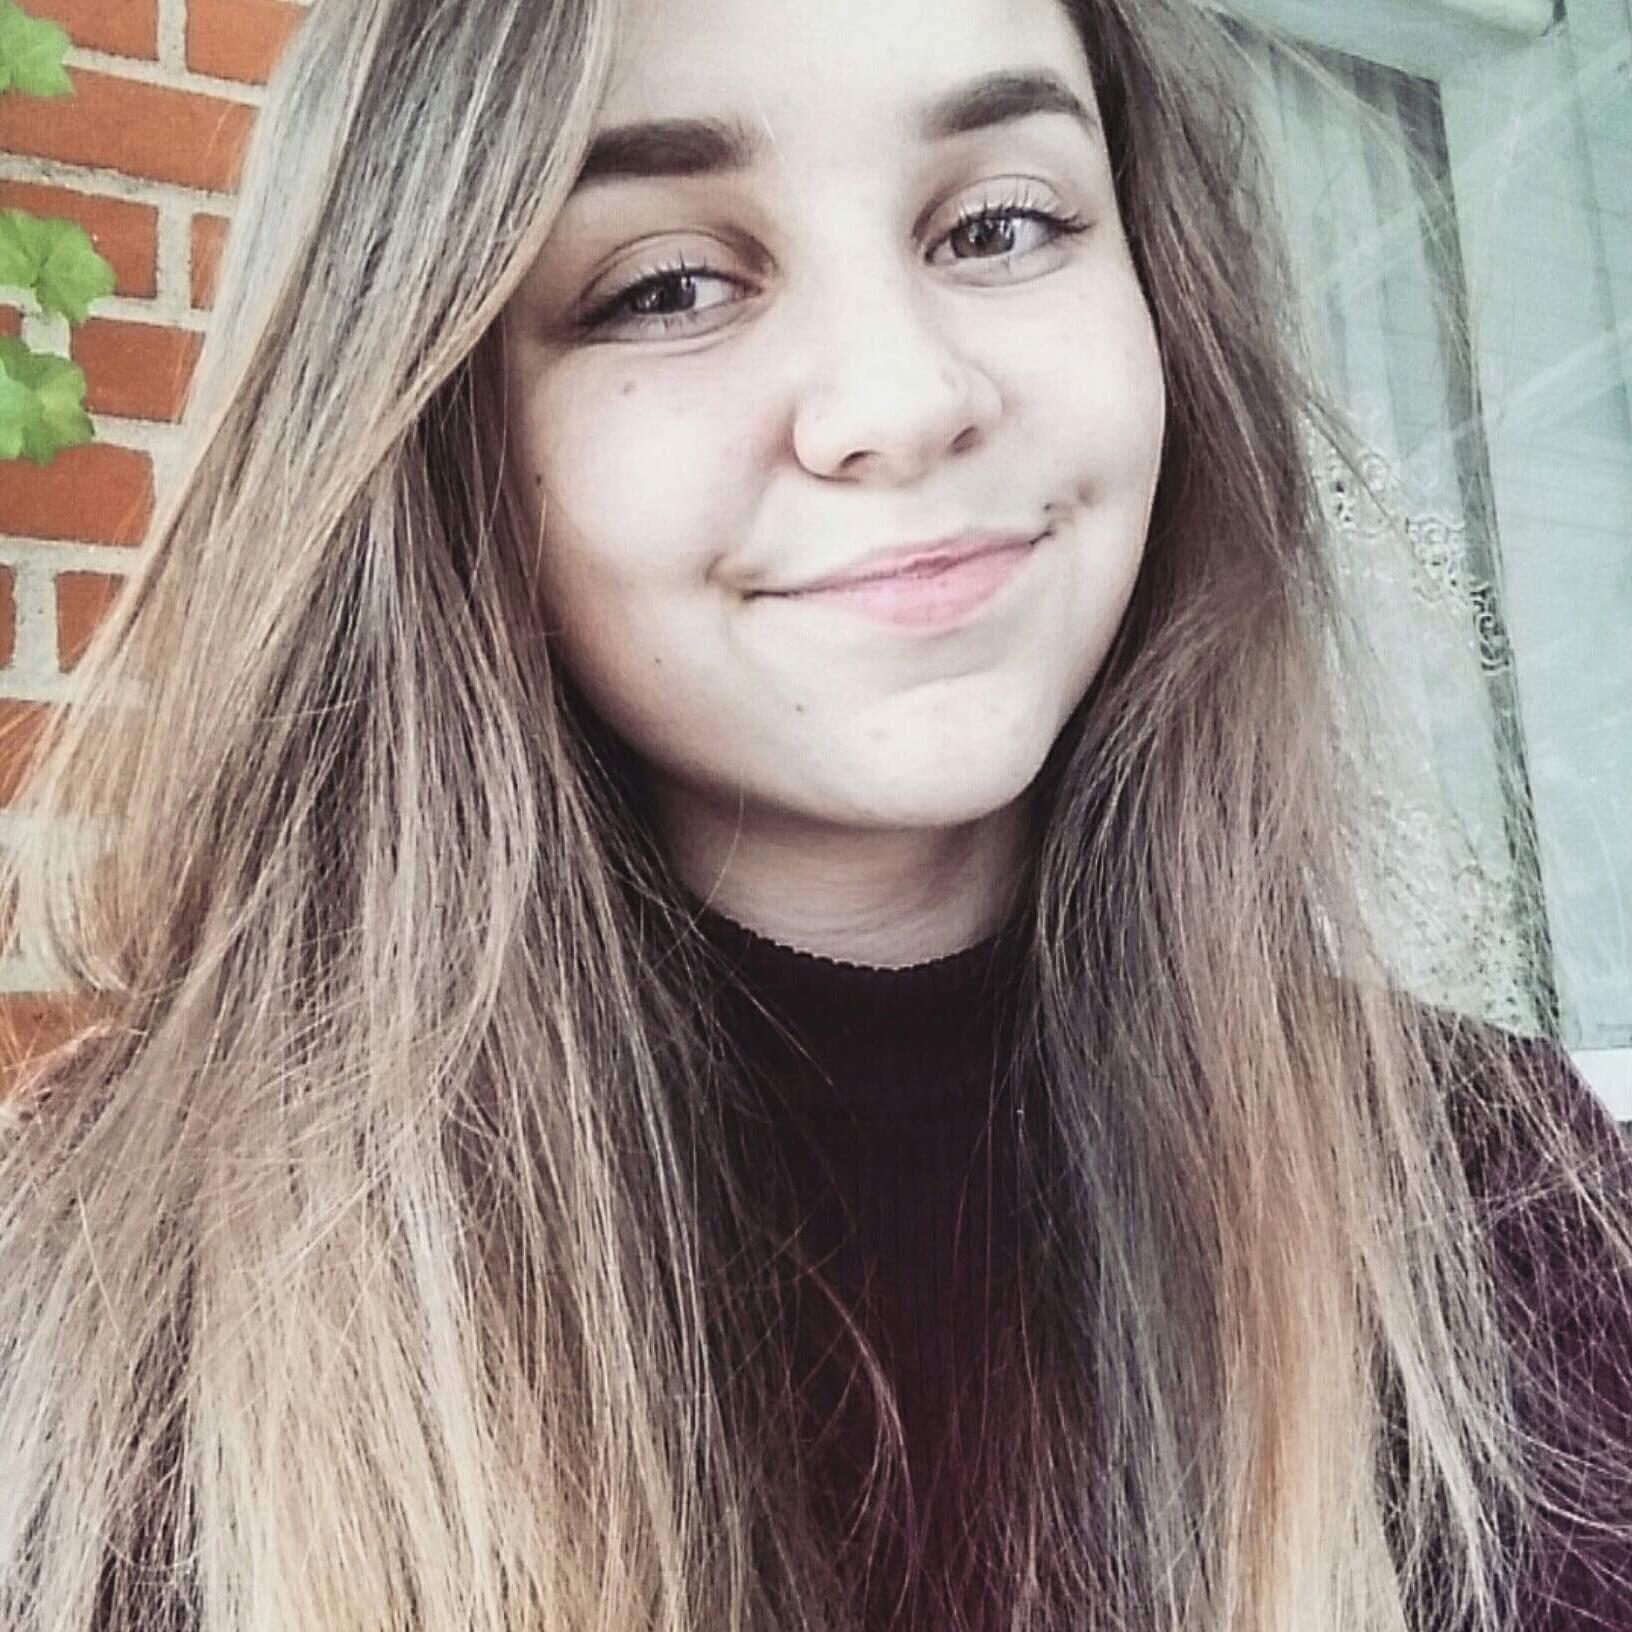 Image of Weronika Krerowicz